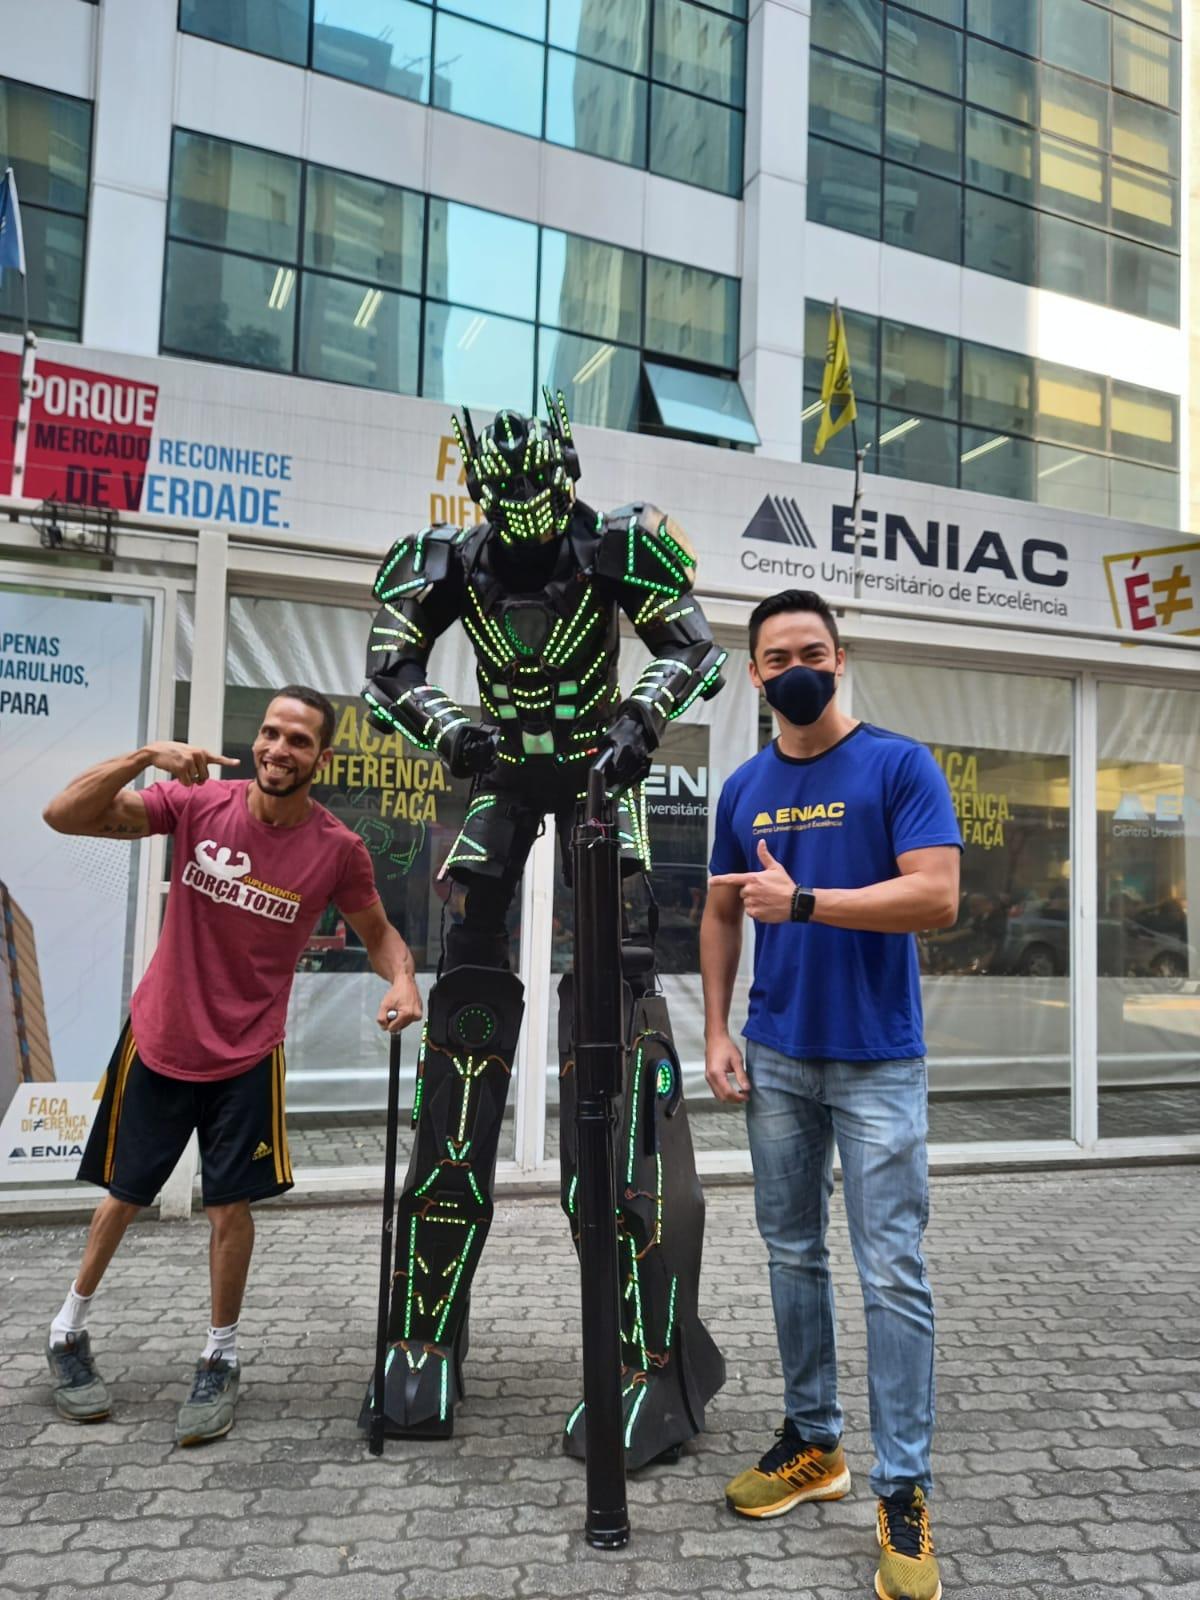 Campeonato de Fisiculturismo no campus do Eniac